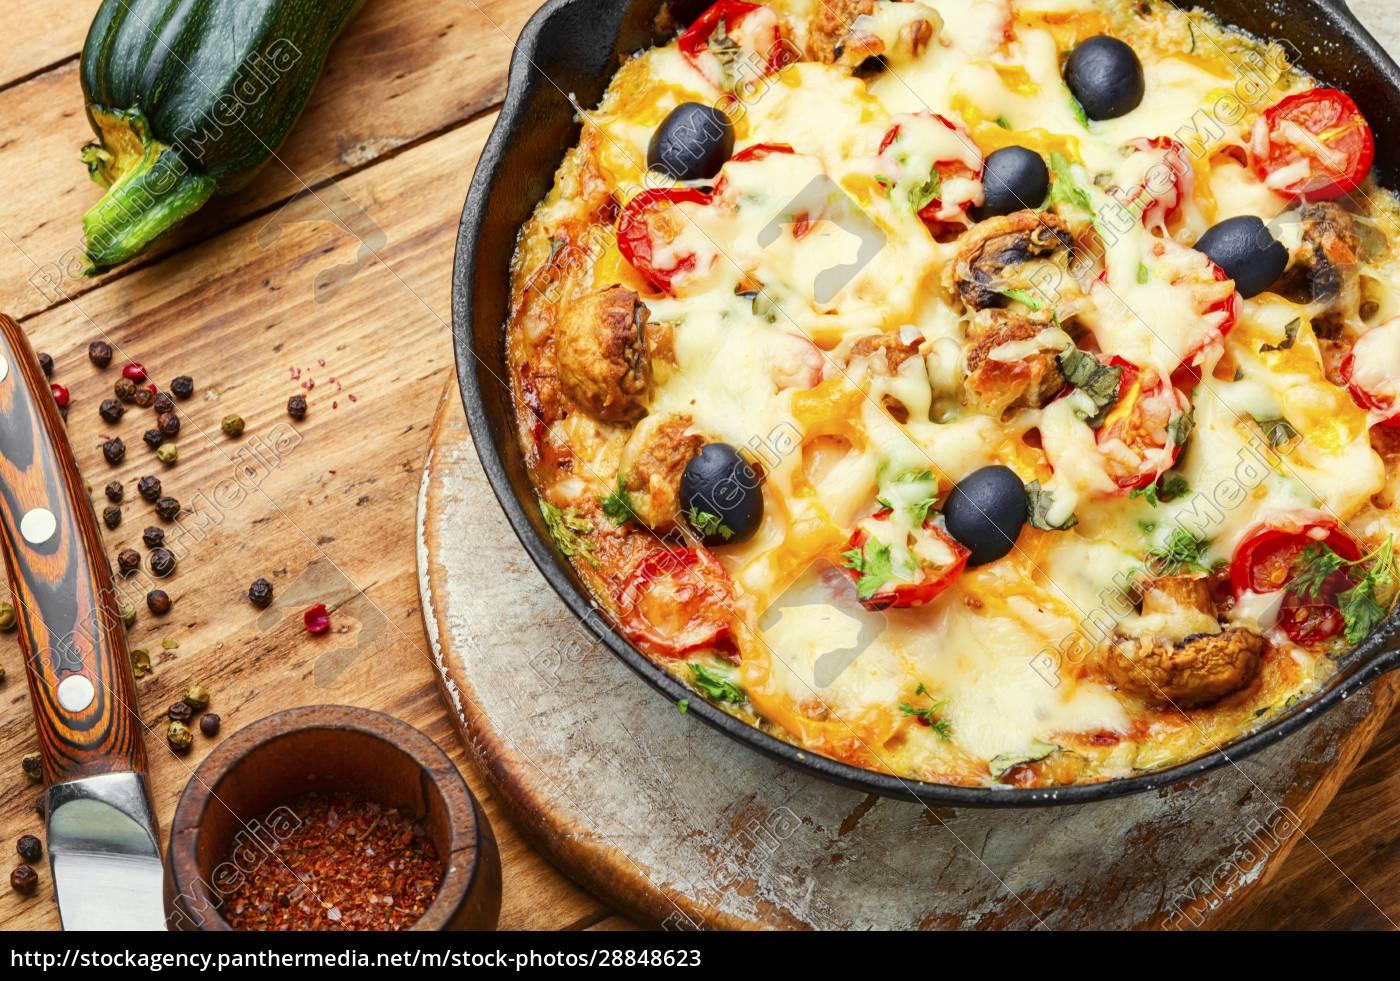 scheibe, italienischer, klassischer, pizza - 28848623